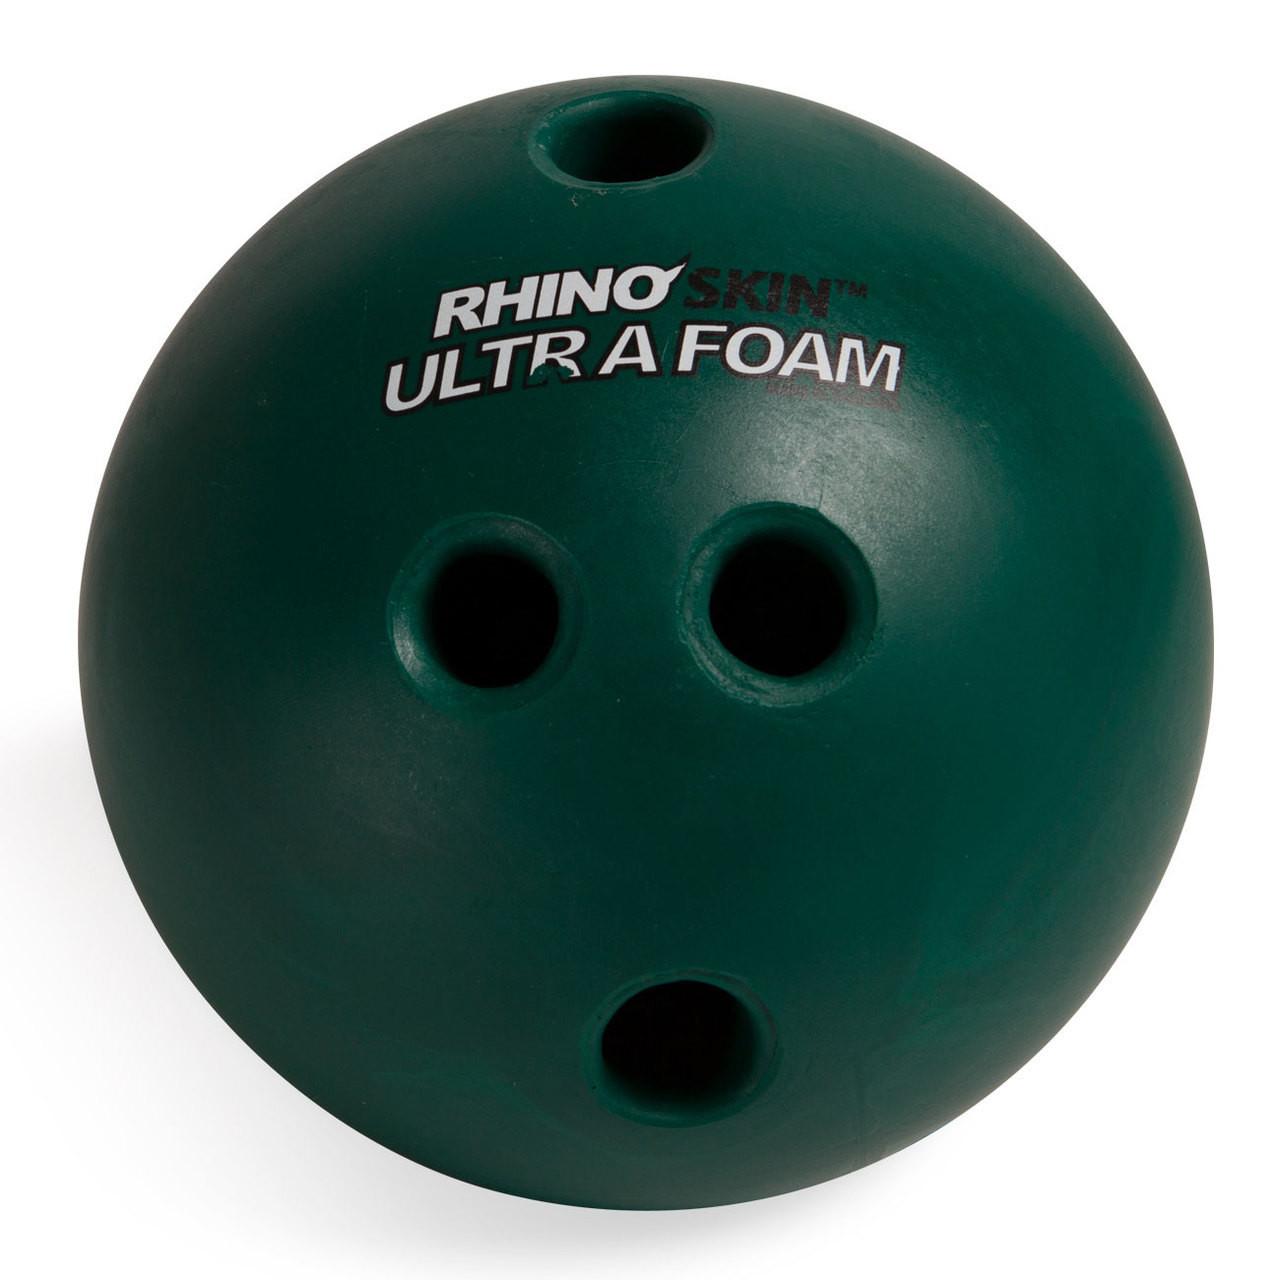 Rhino Skin Foam Bowling Ball - 5 lb